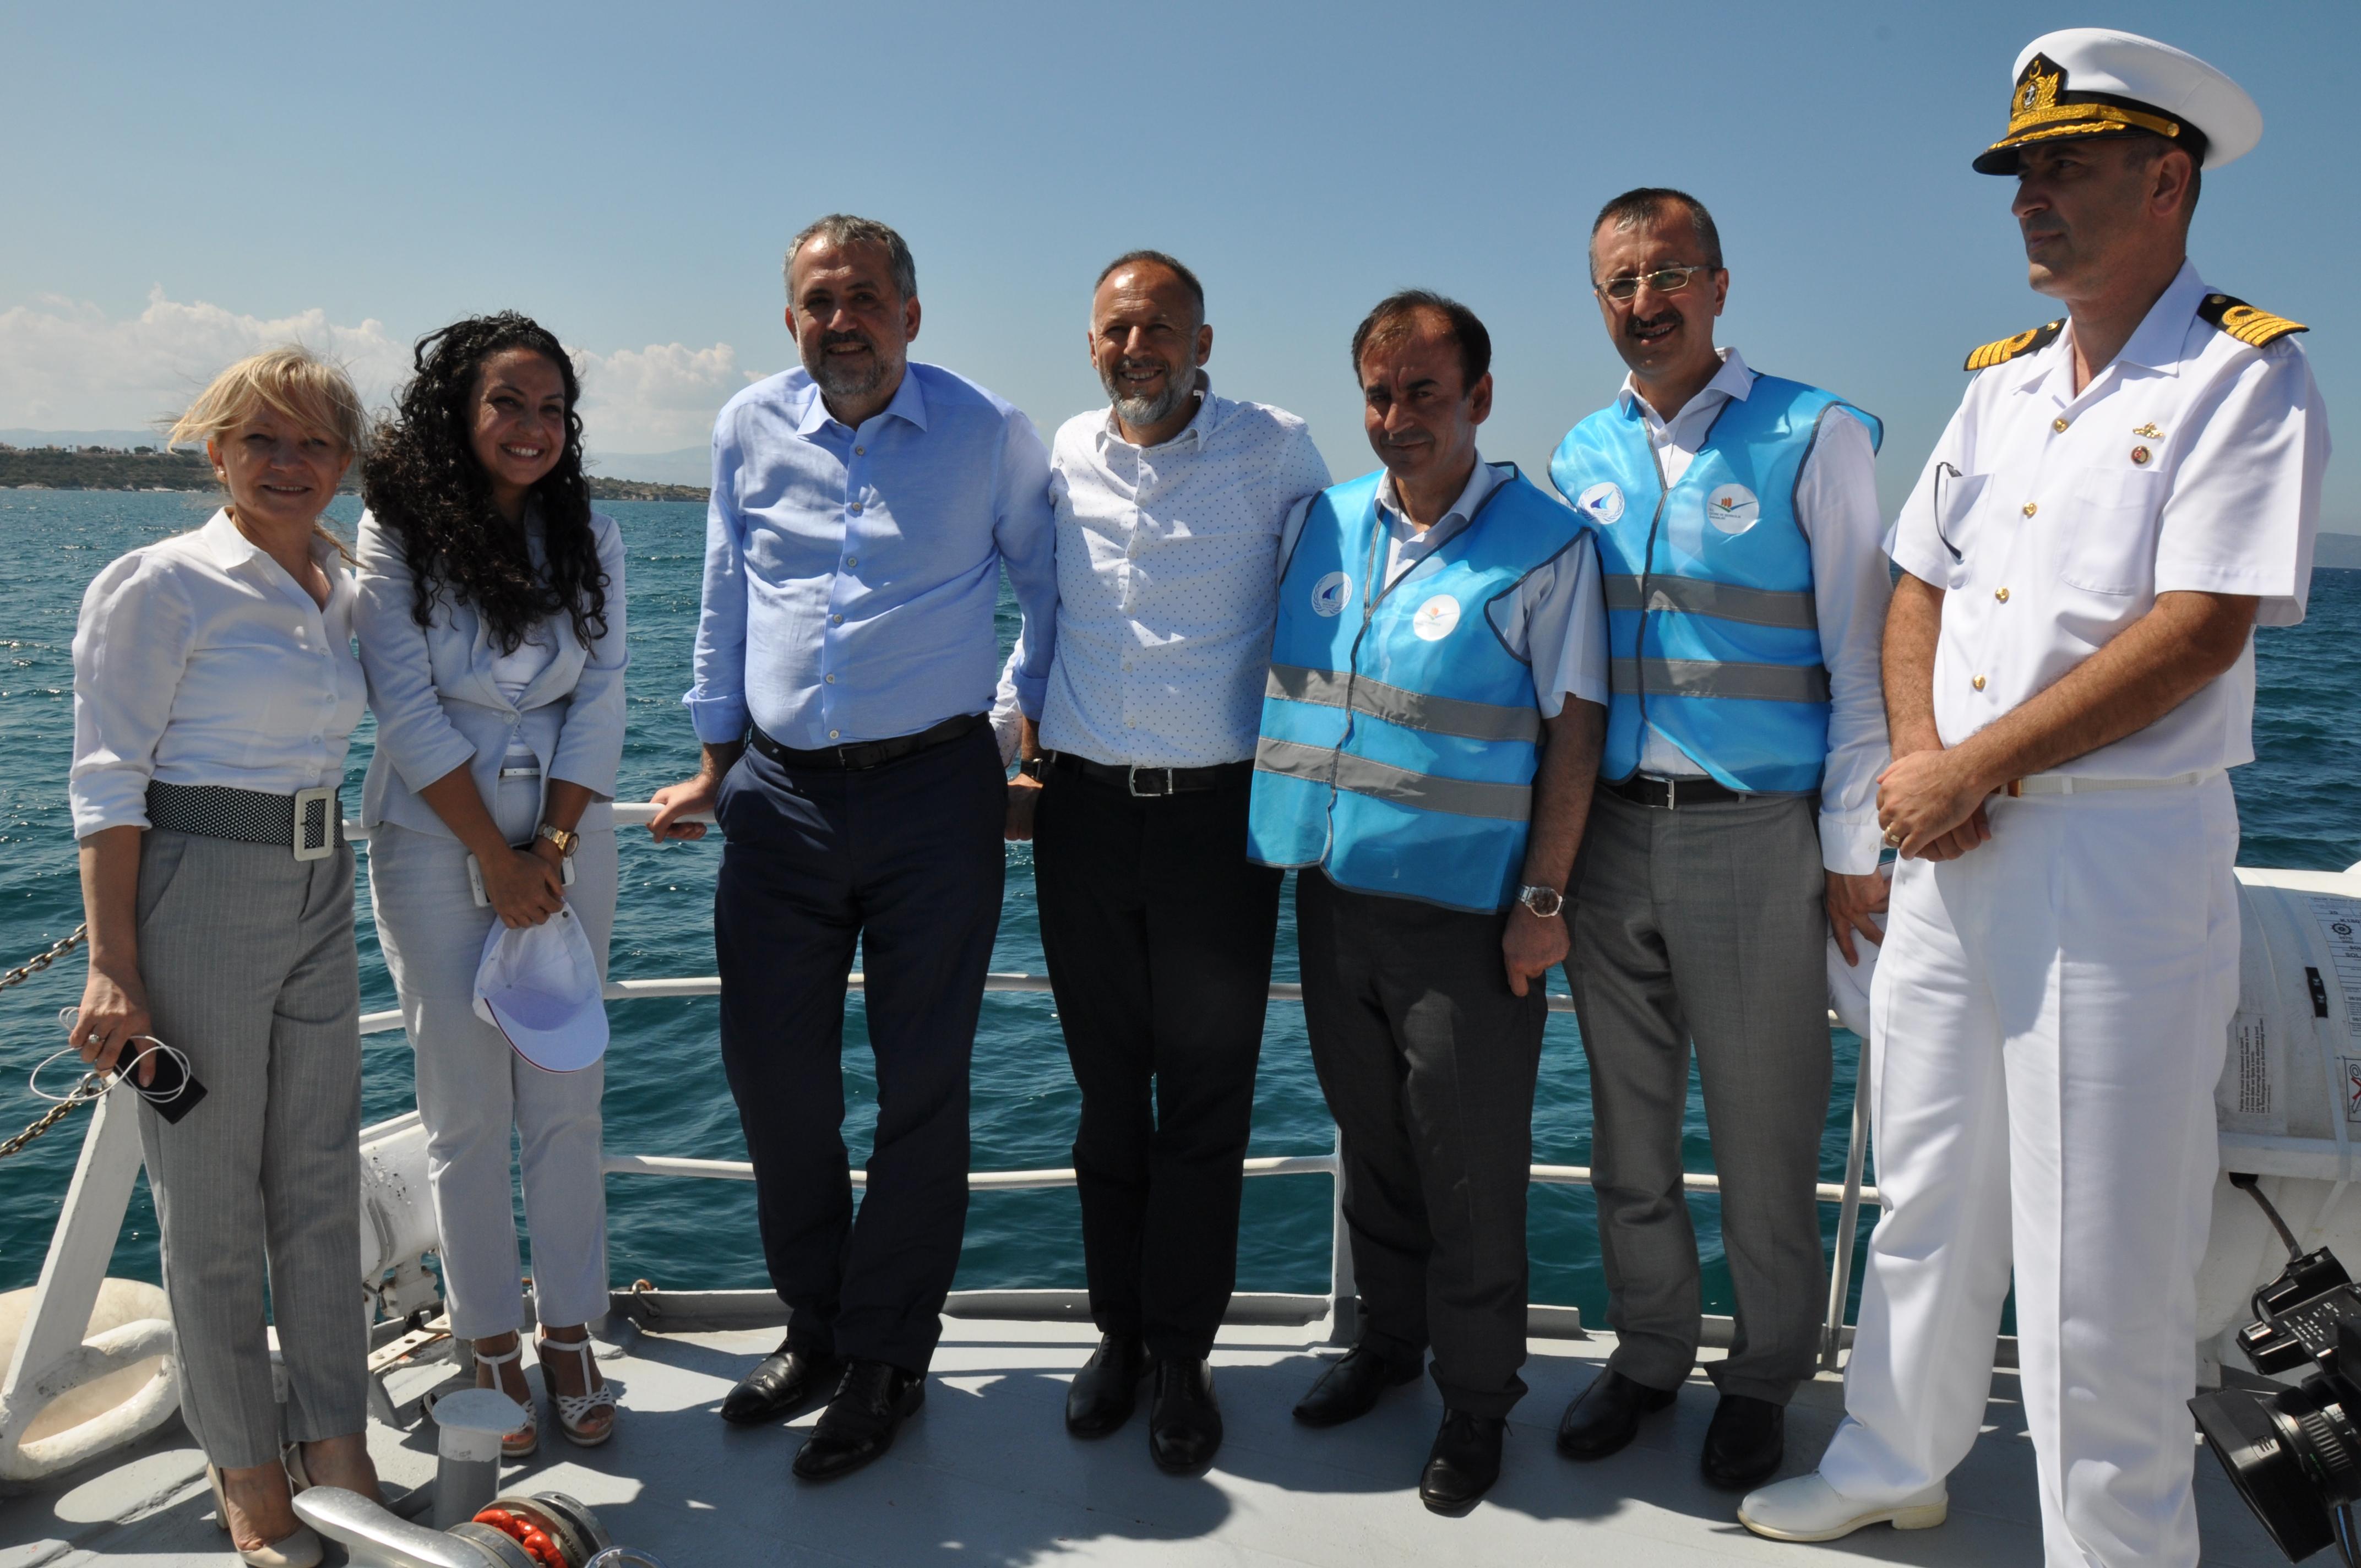 Bakan Yardımcımız Sn. Prof. Dr. Mehmet Emin BİRPINAR, teknelerden atık alımına ilişkin geliştirilmiş olan 'Mavi Kart Sistemi'ni Çeşme'de denetledi.